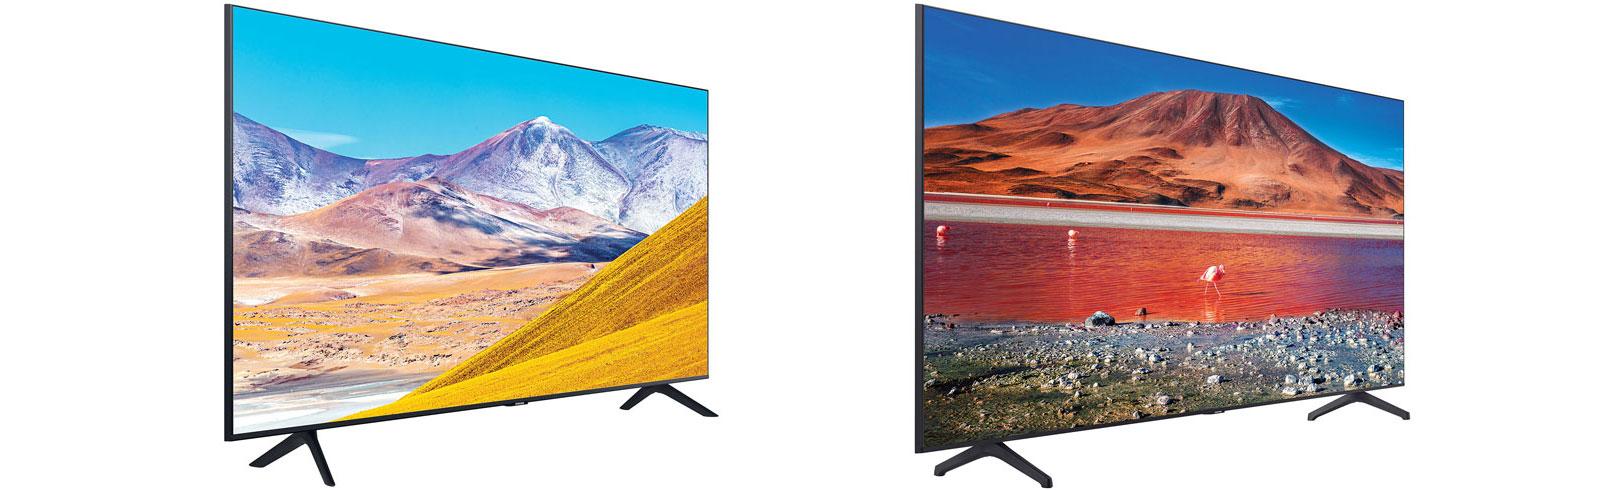 Samsung launches the UN75TU7000, UN75TU8000, UN50TU8000 - specifications and prices